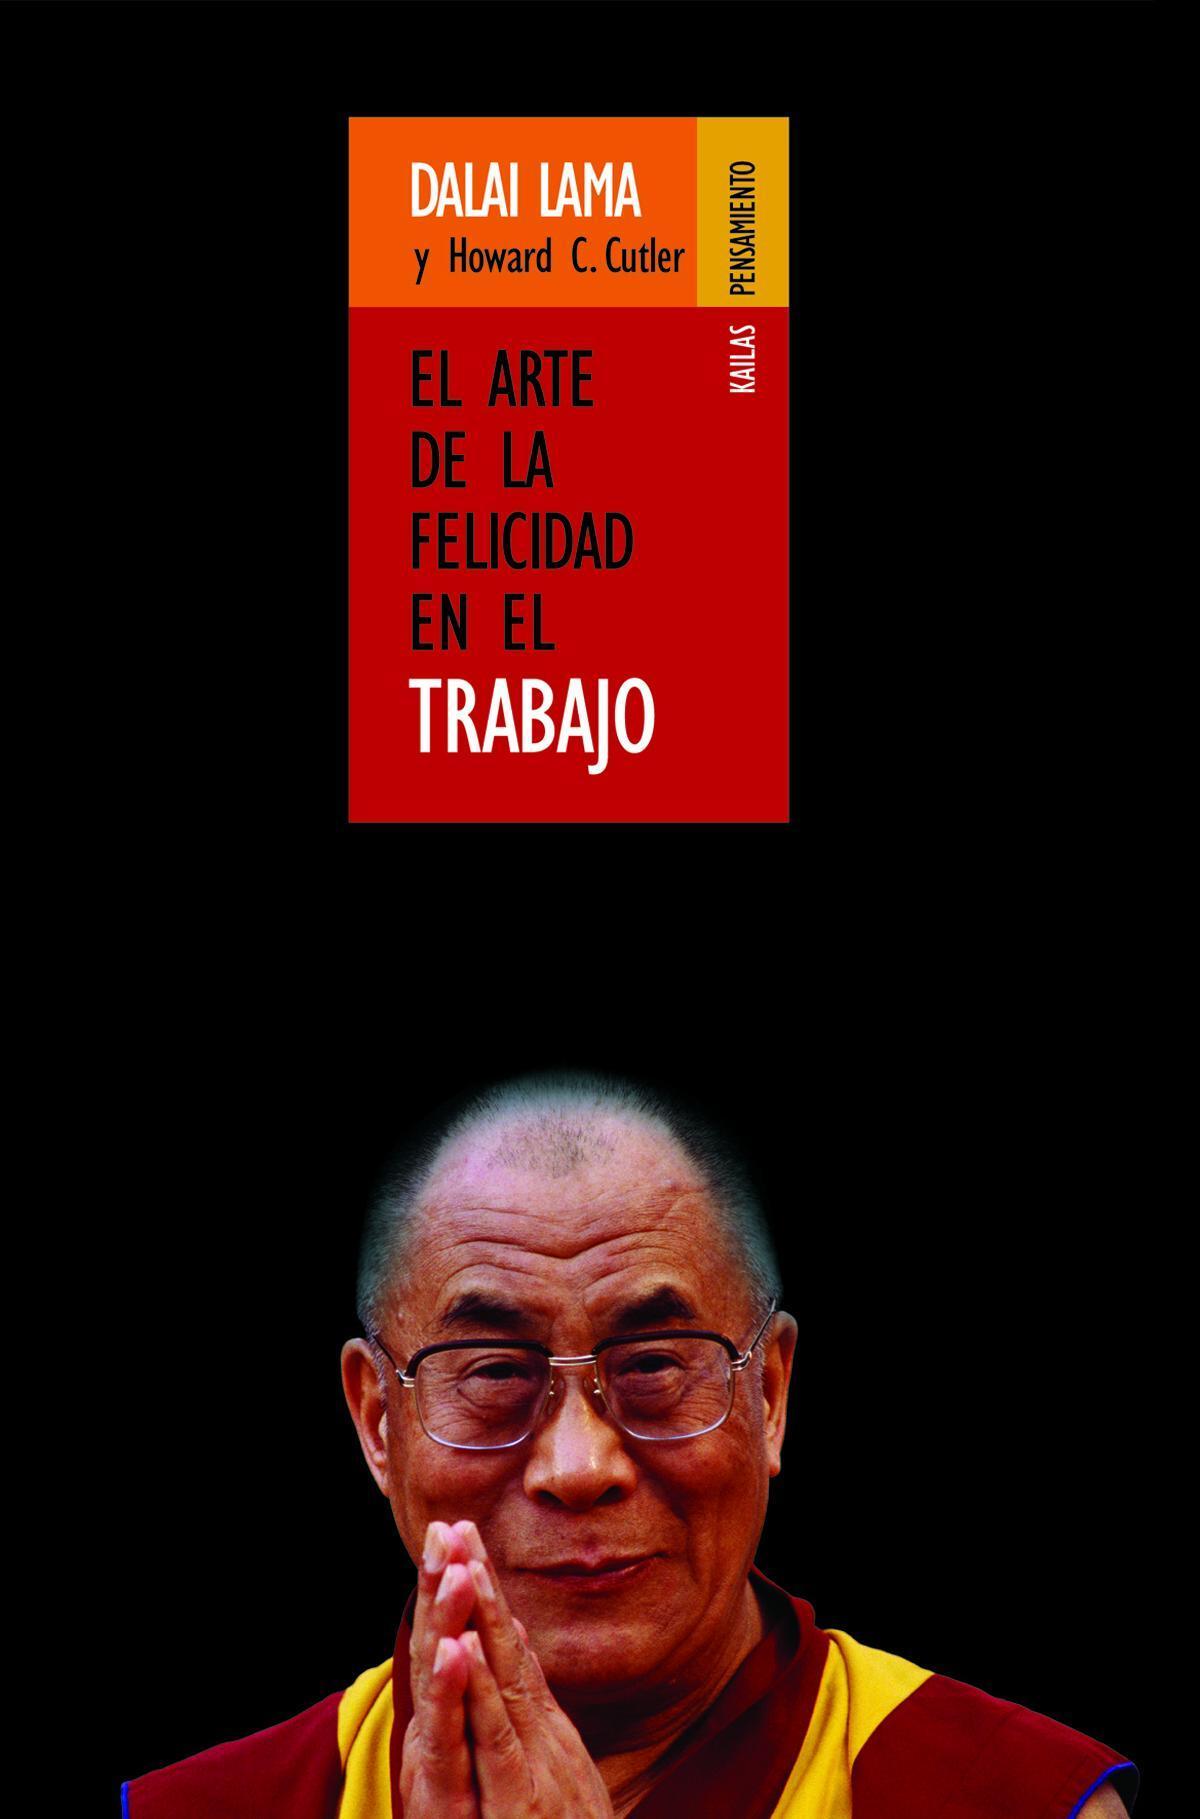 El arte de la felicidad del Dalai Lama y Horard Cutler